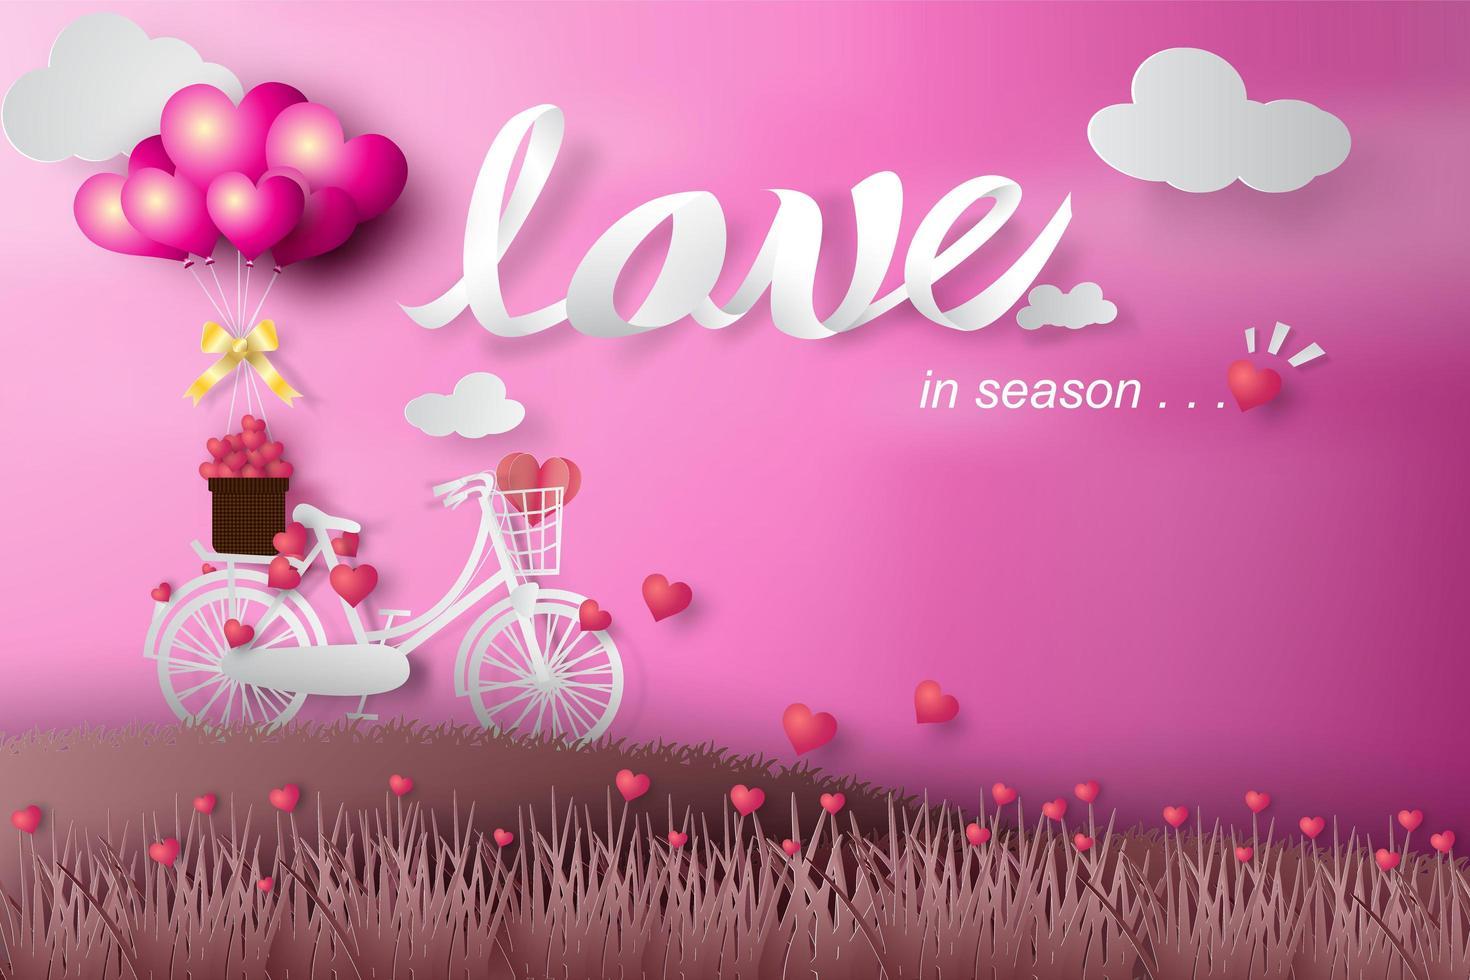 Papier Valentinstag Liebe Design vektor